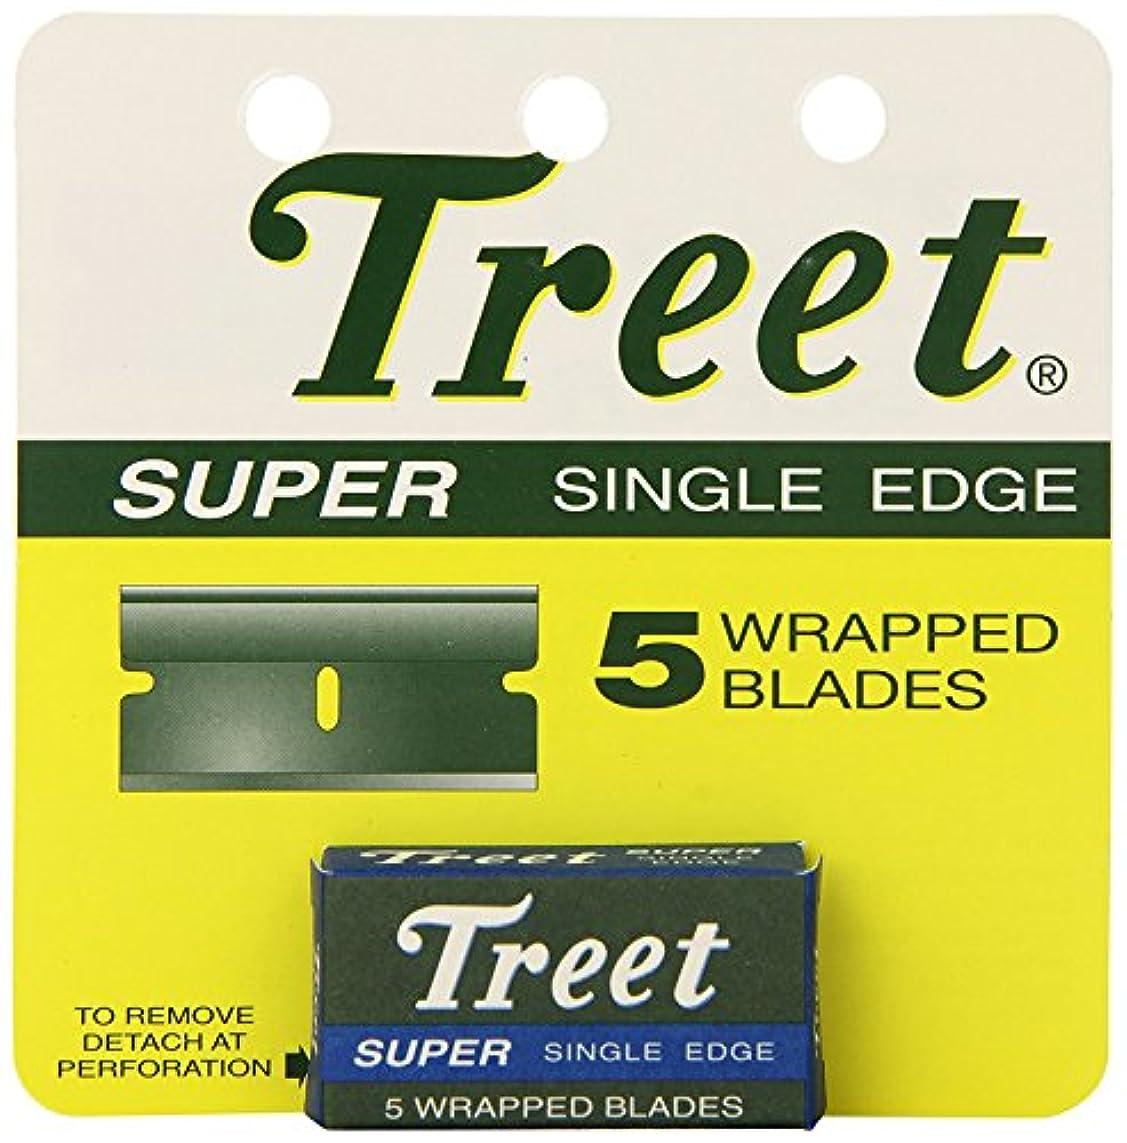 勃起パーフェルビッド認識Treet スーパー シングル ブレード 替刃 5枚入り [並行輸入品]